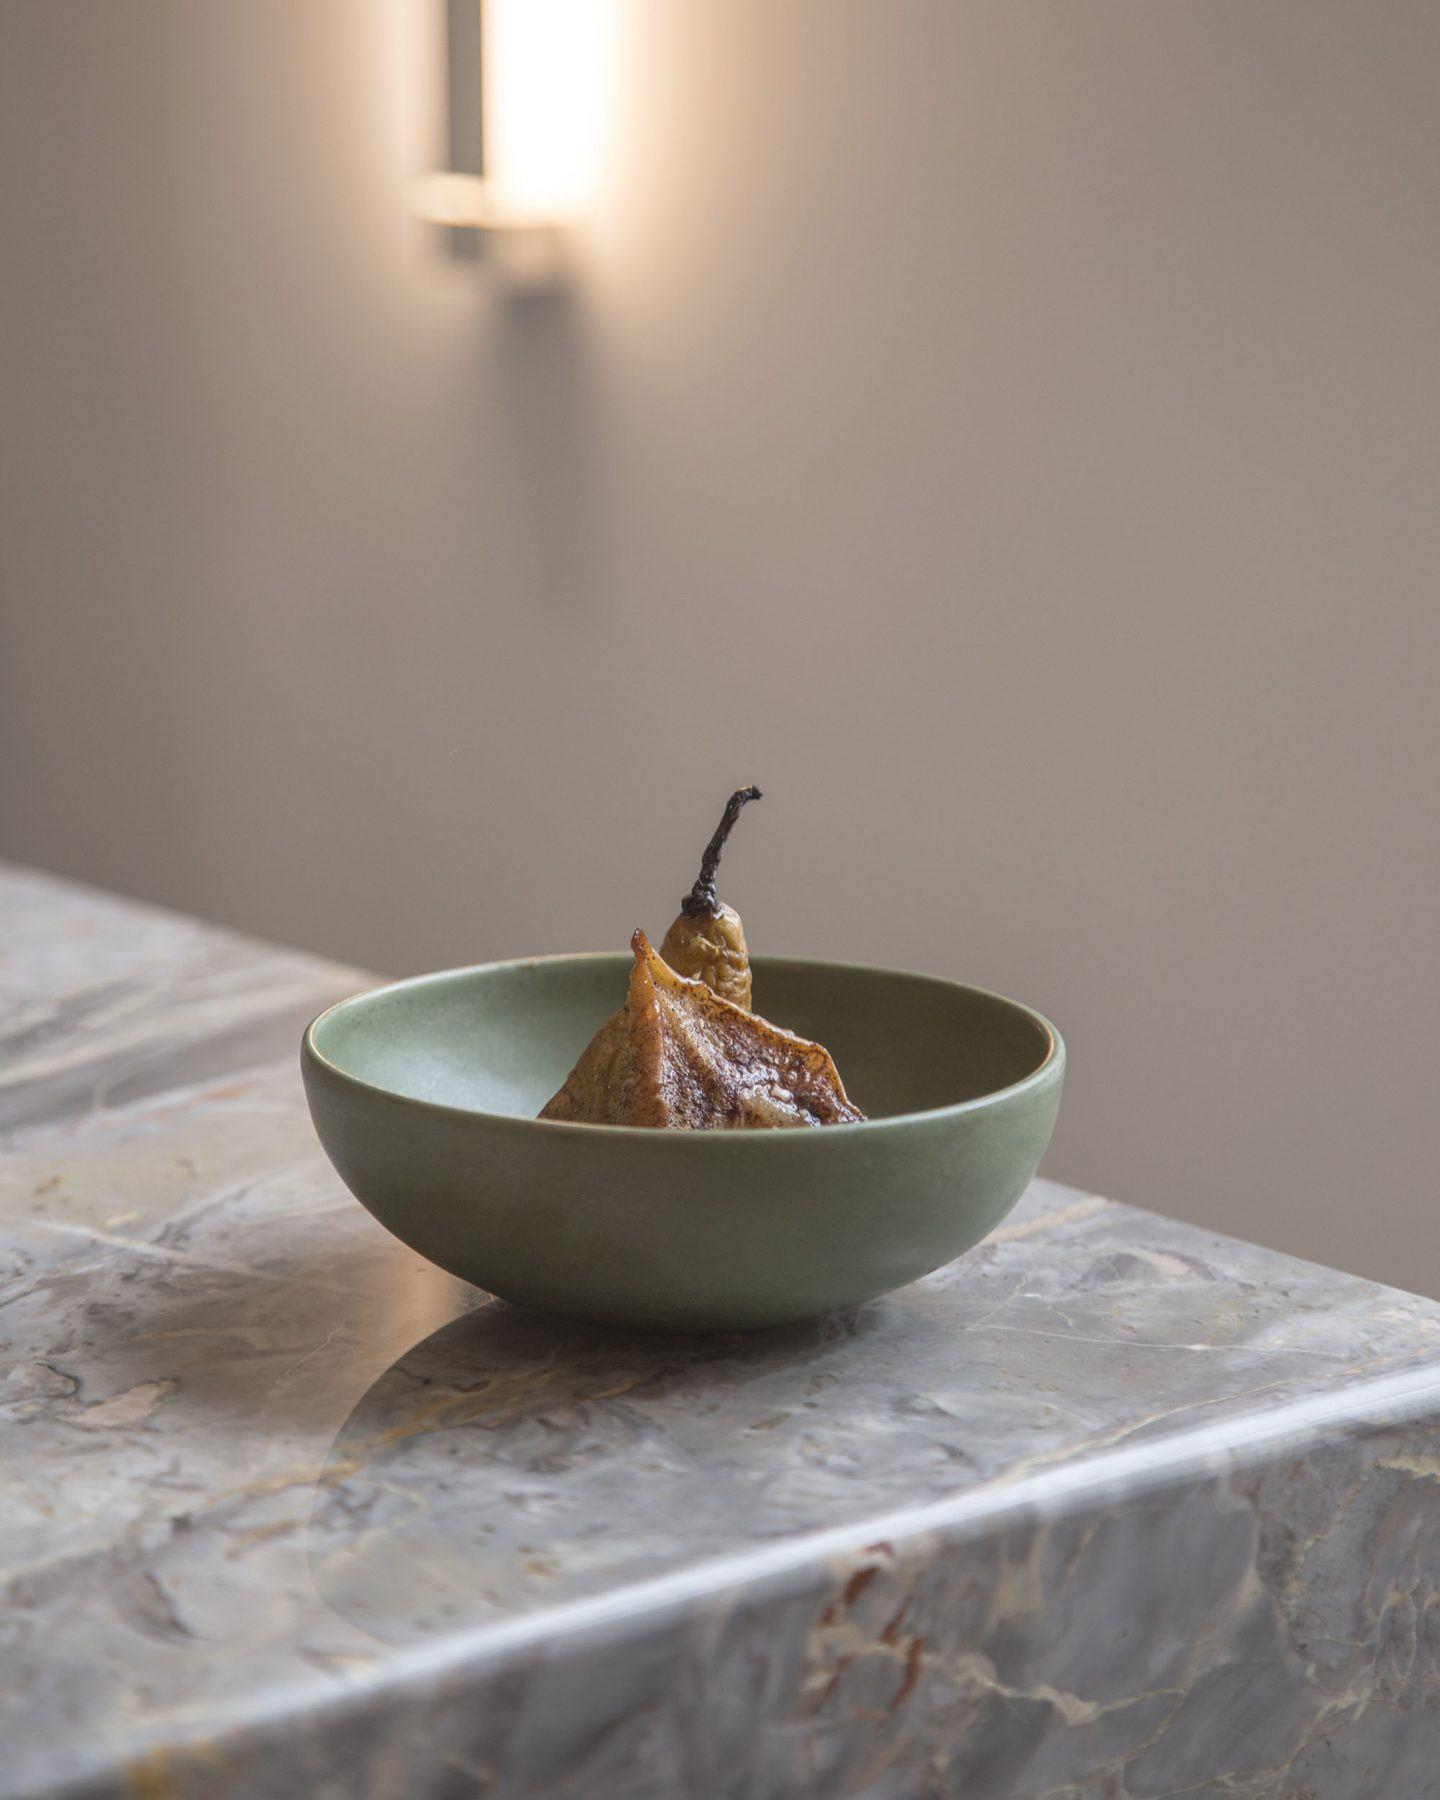 IGNANT-Design-AKZ-Architects-Bowl-Cafe-07